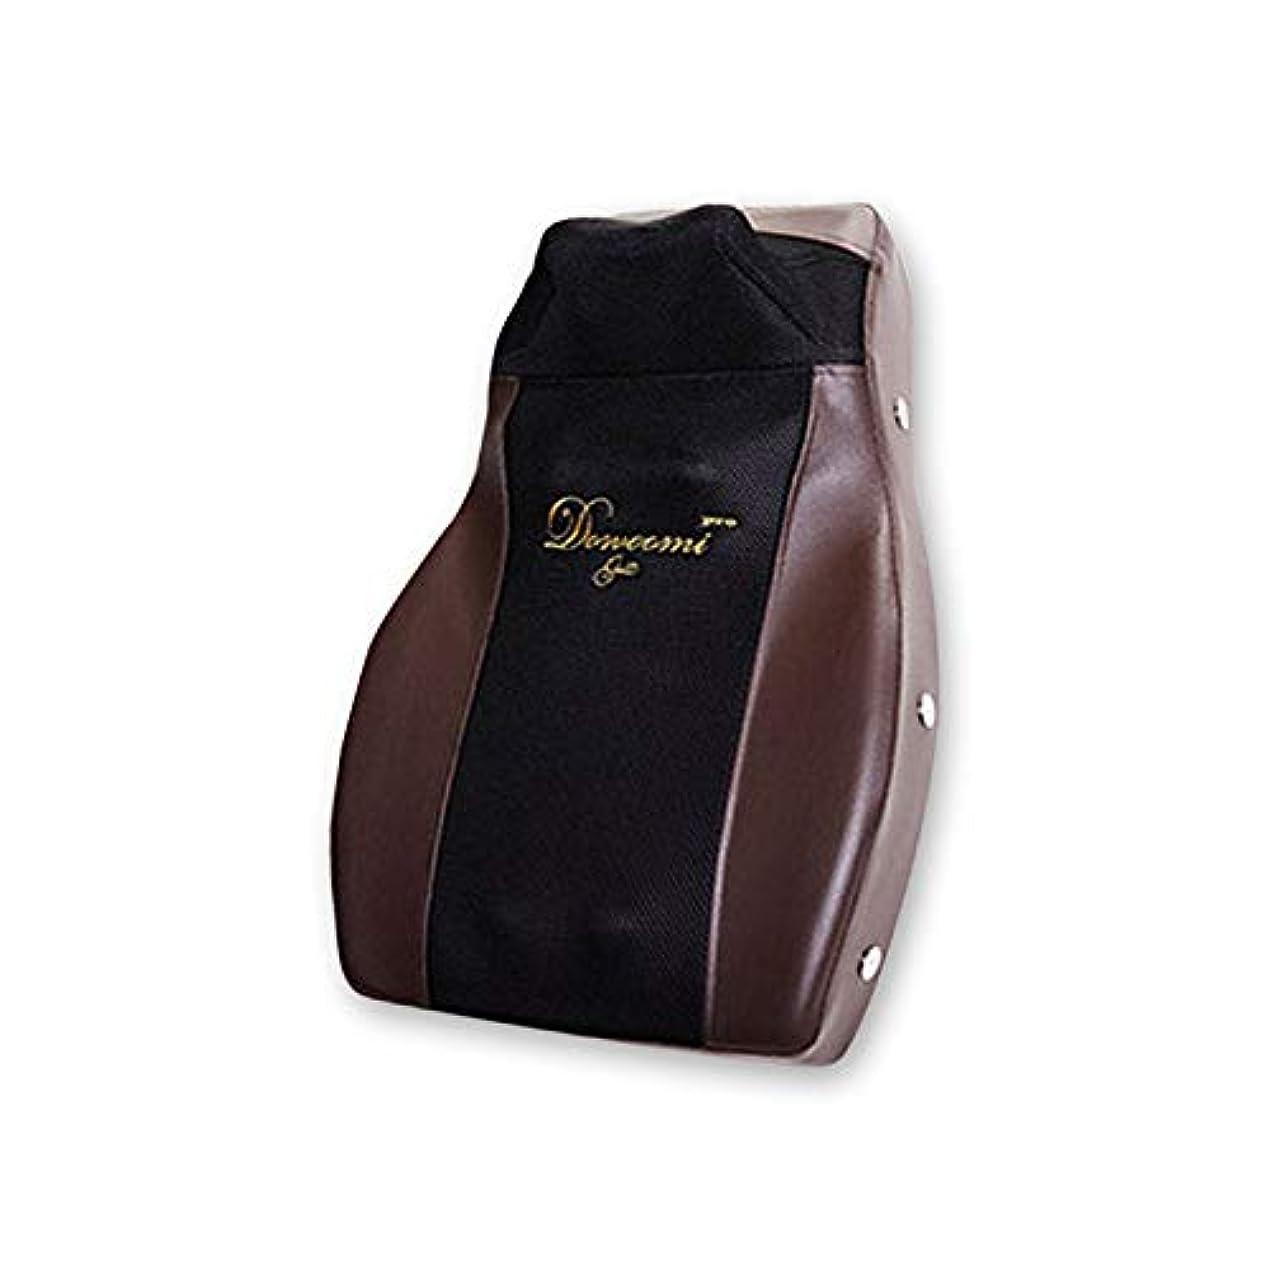 血統クリスマス幾分Wellbeing Dowoomi Massager Gold Pro ドウミ マッサージ クッション ゴールド プロ [並行輸入品]